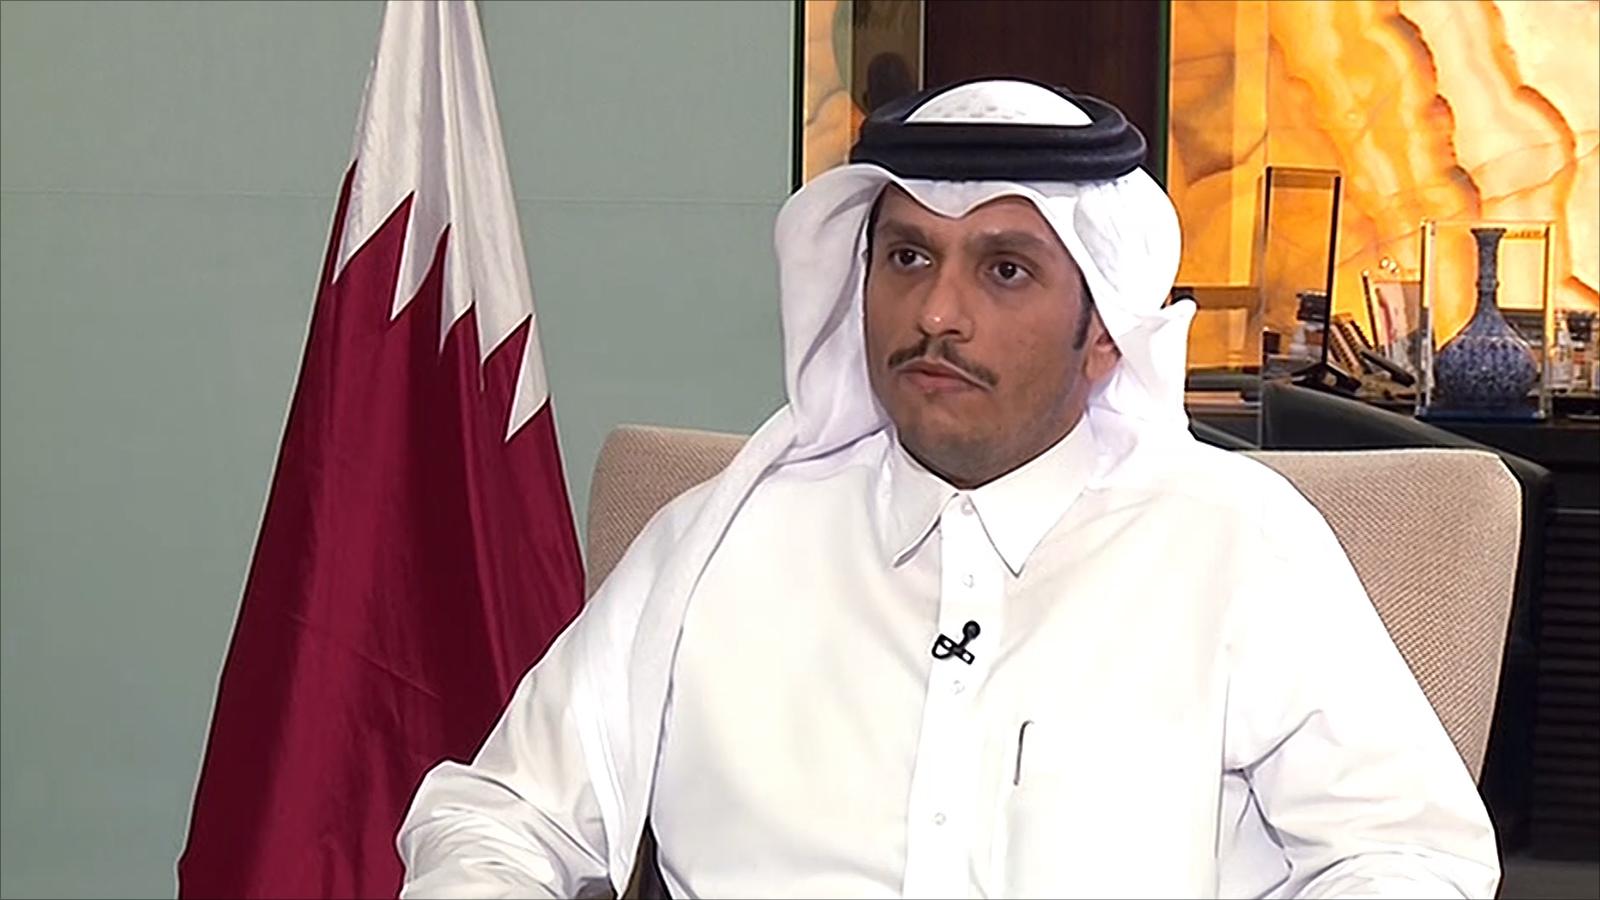 وزير قطري: رداً على ابن سلمان الدول لا تقاس بحجمها وهناك دولا كبيرة منهمكة بالتآمر وحياكة الدسائس